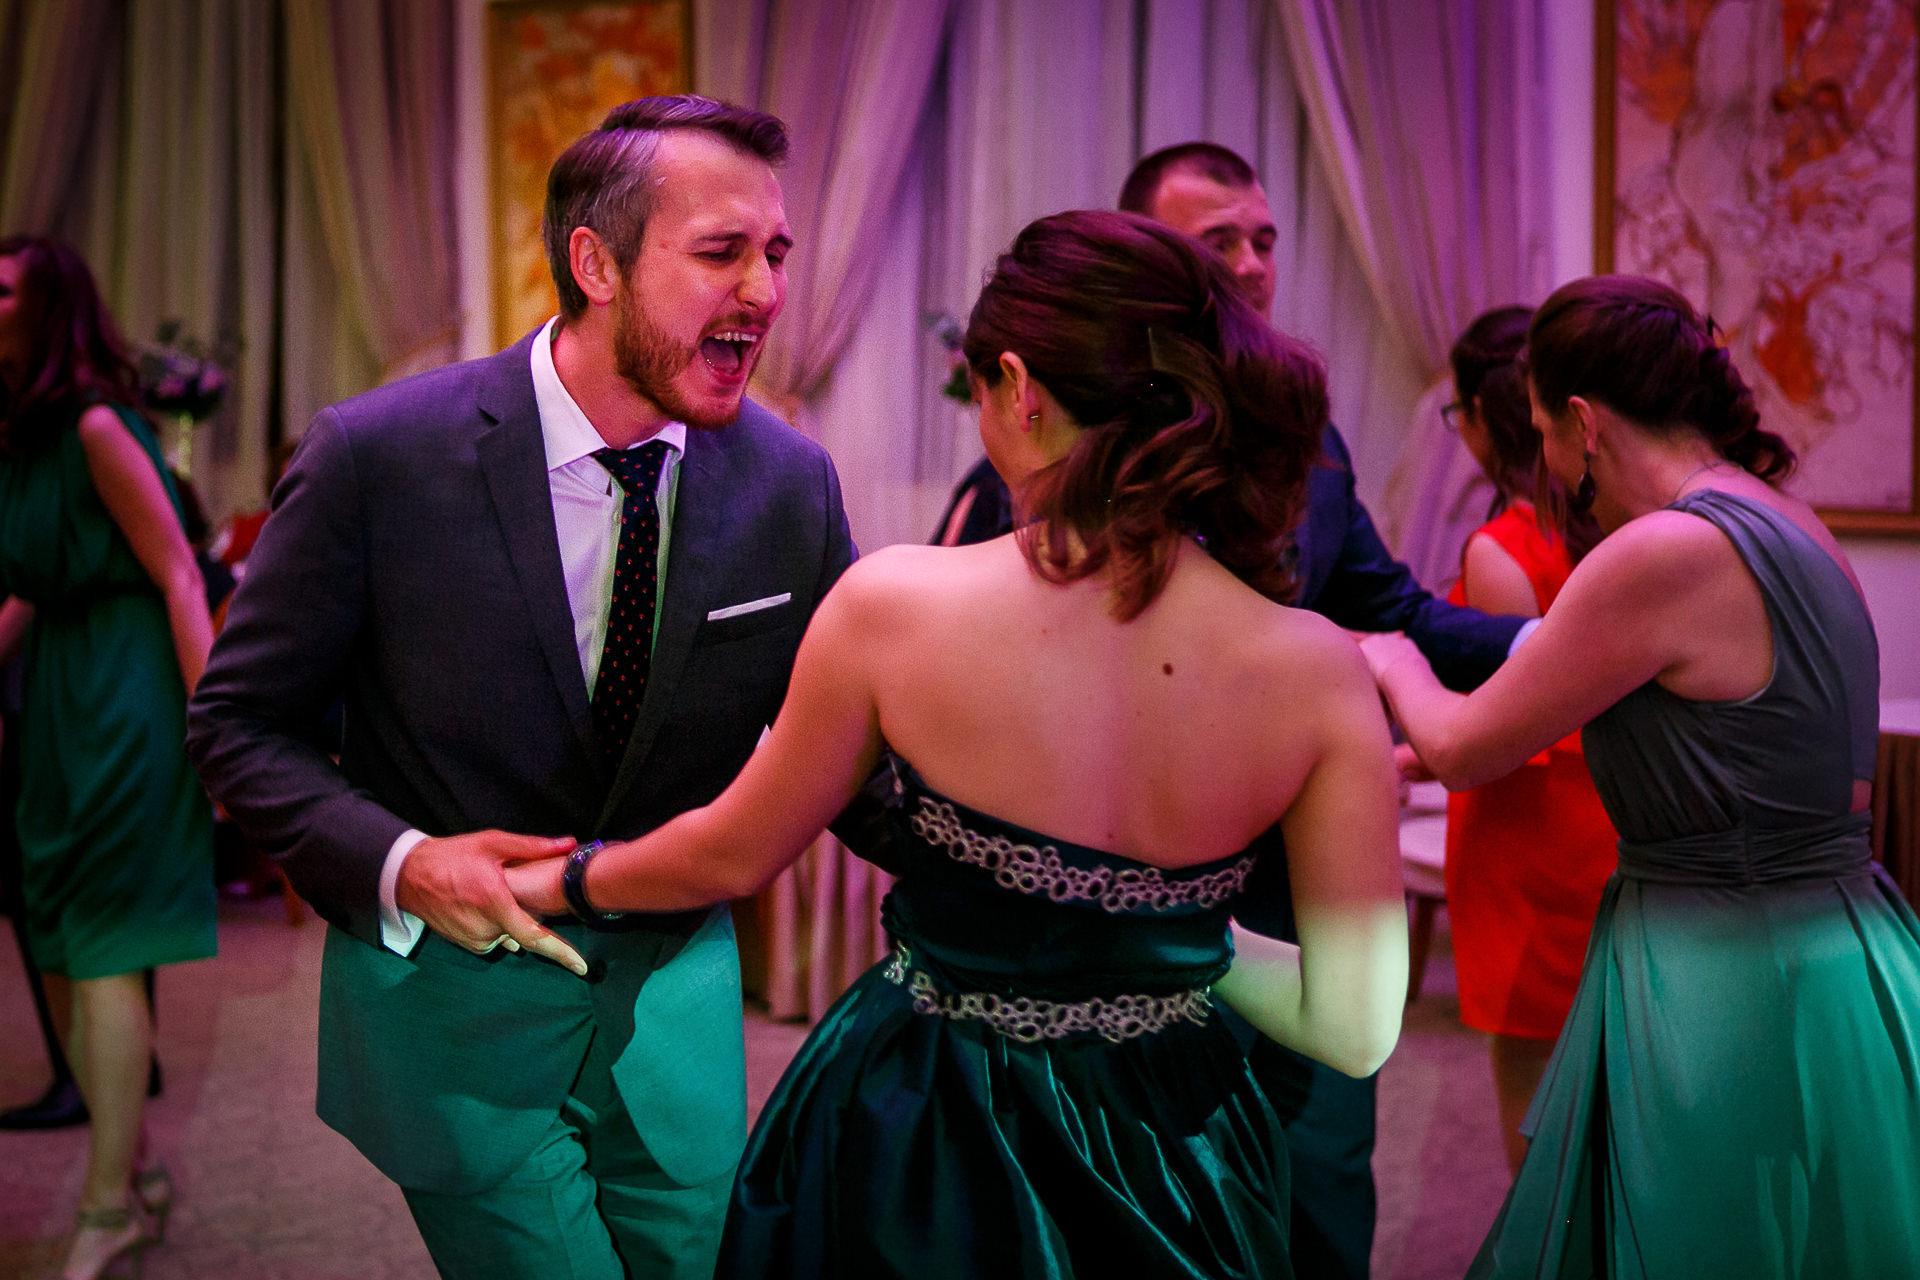 nuntă Salon Elisabeta - Elena şi Costin - Mihai Zaharia Photography - 059